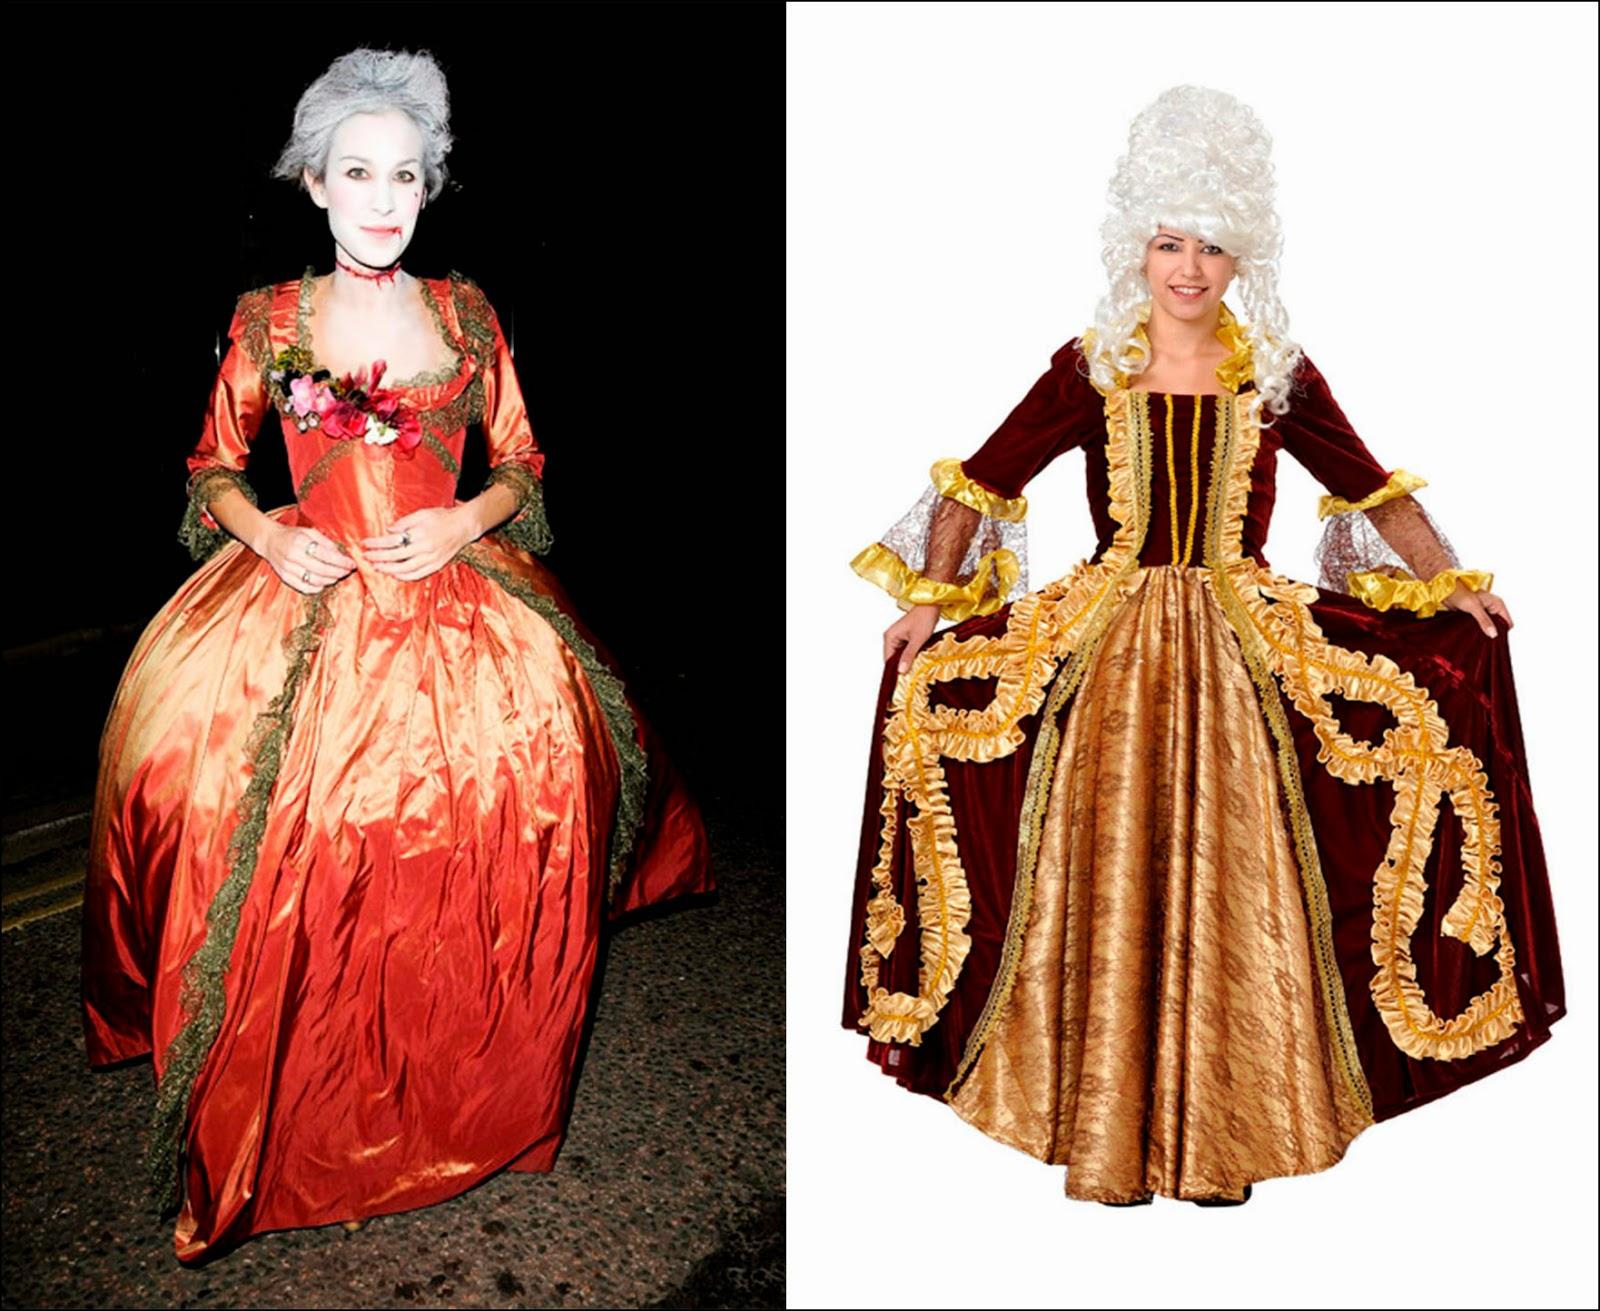 Cmo Hacer Un Disfraz De Halloween Trendy Halloween Costumes